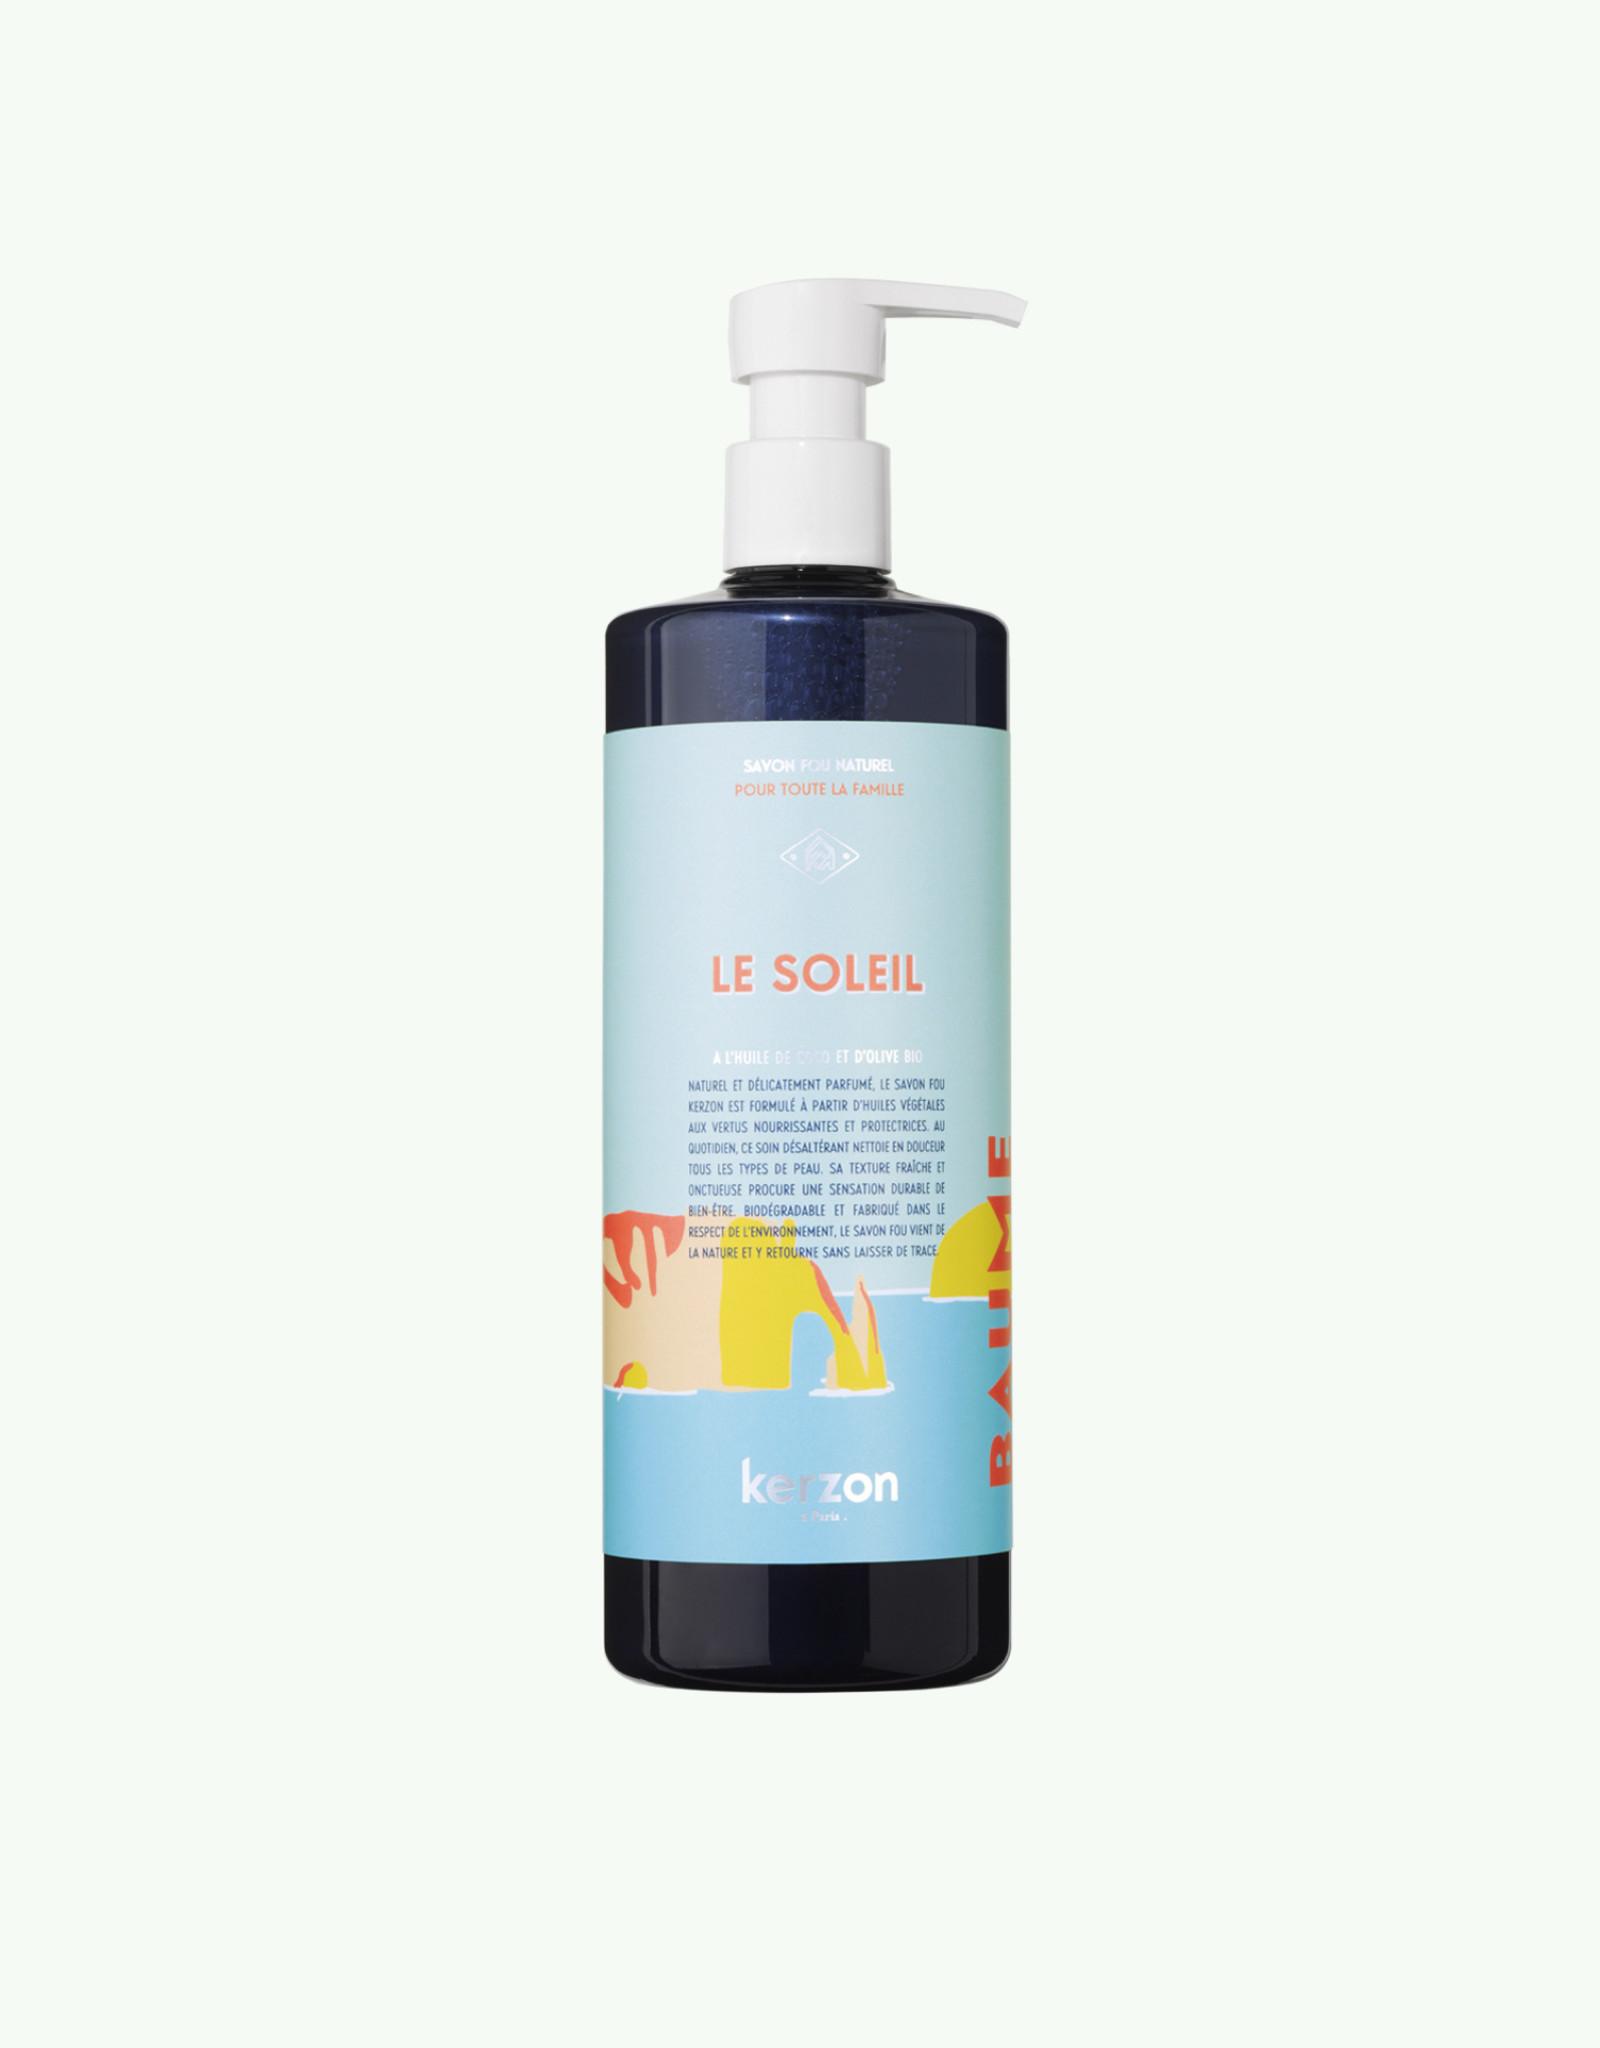 Kerzon Duo Le Soleil Brume Parfumée & Savon Liquide - Kerzon